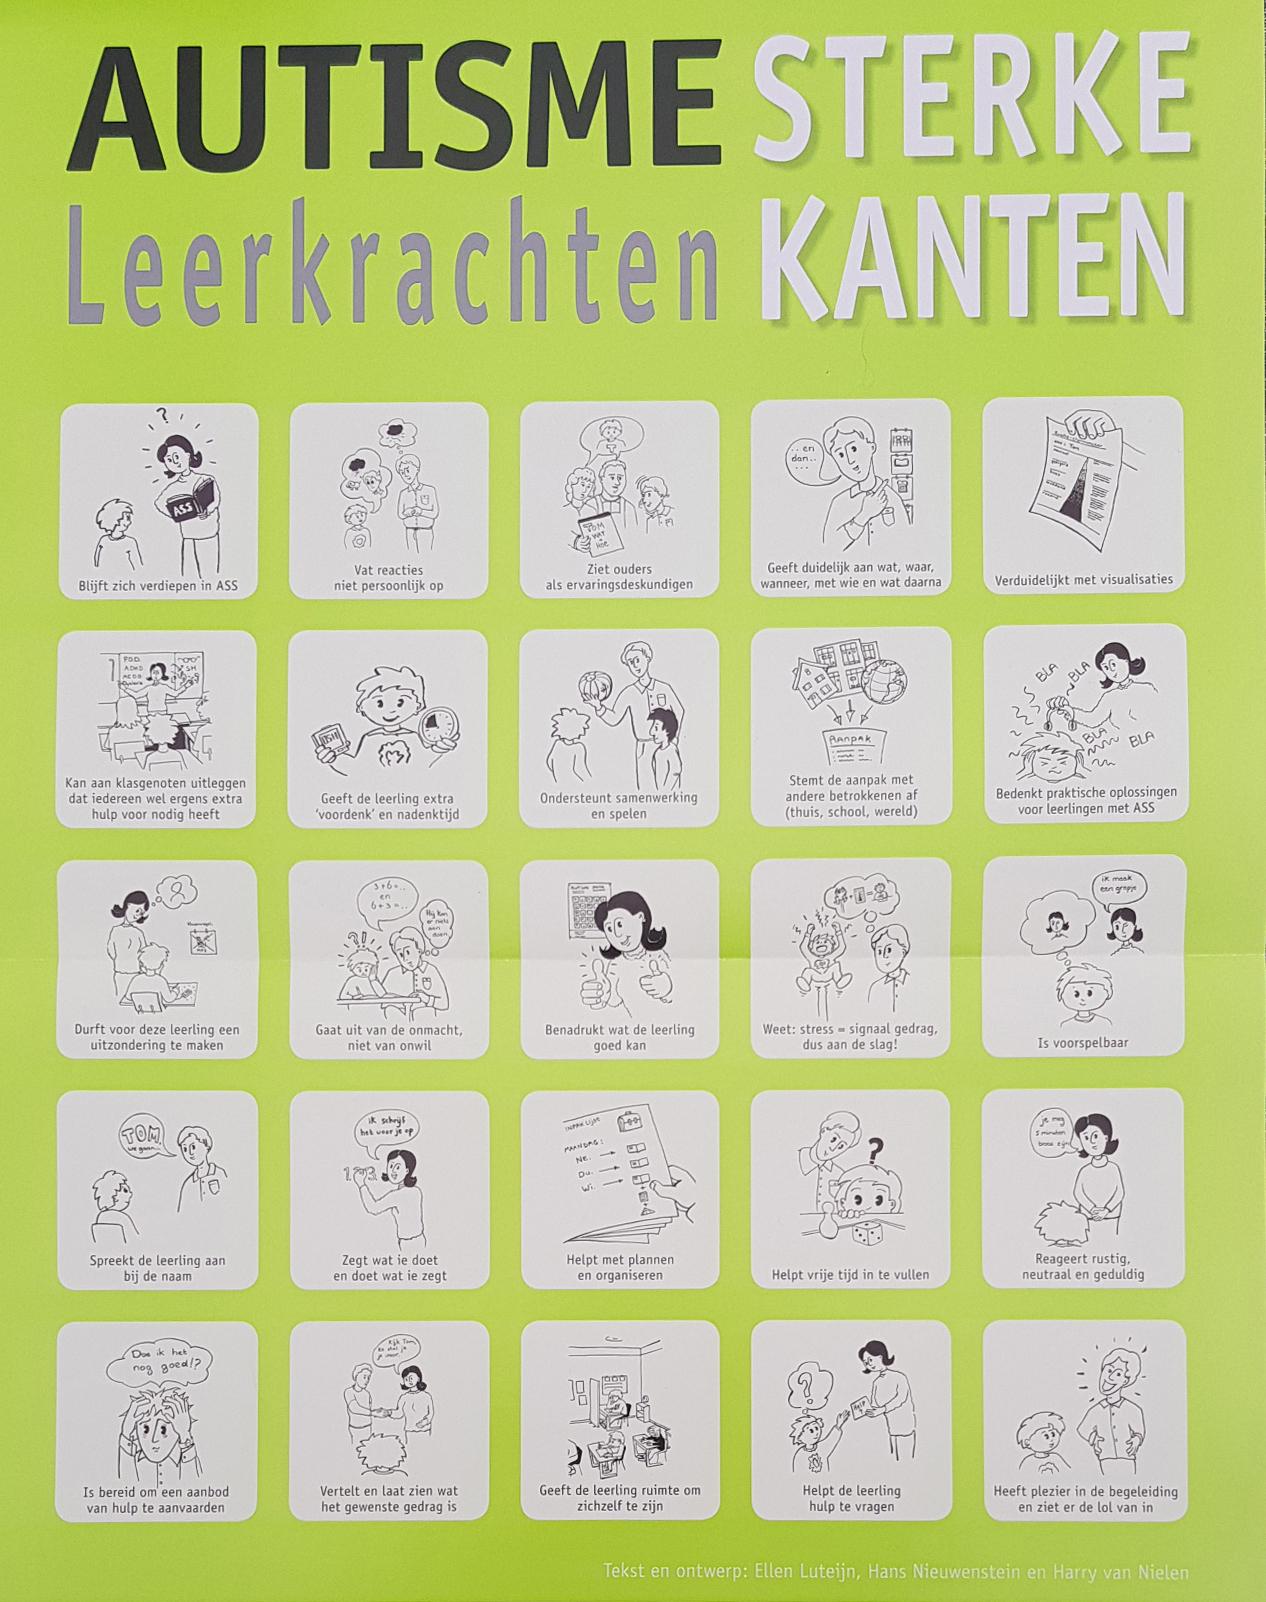 Bedwelming Poster Autisme sterke kanten (leerkrachten) - NVA regio Noord-Brabant &XD54